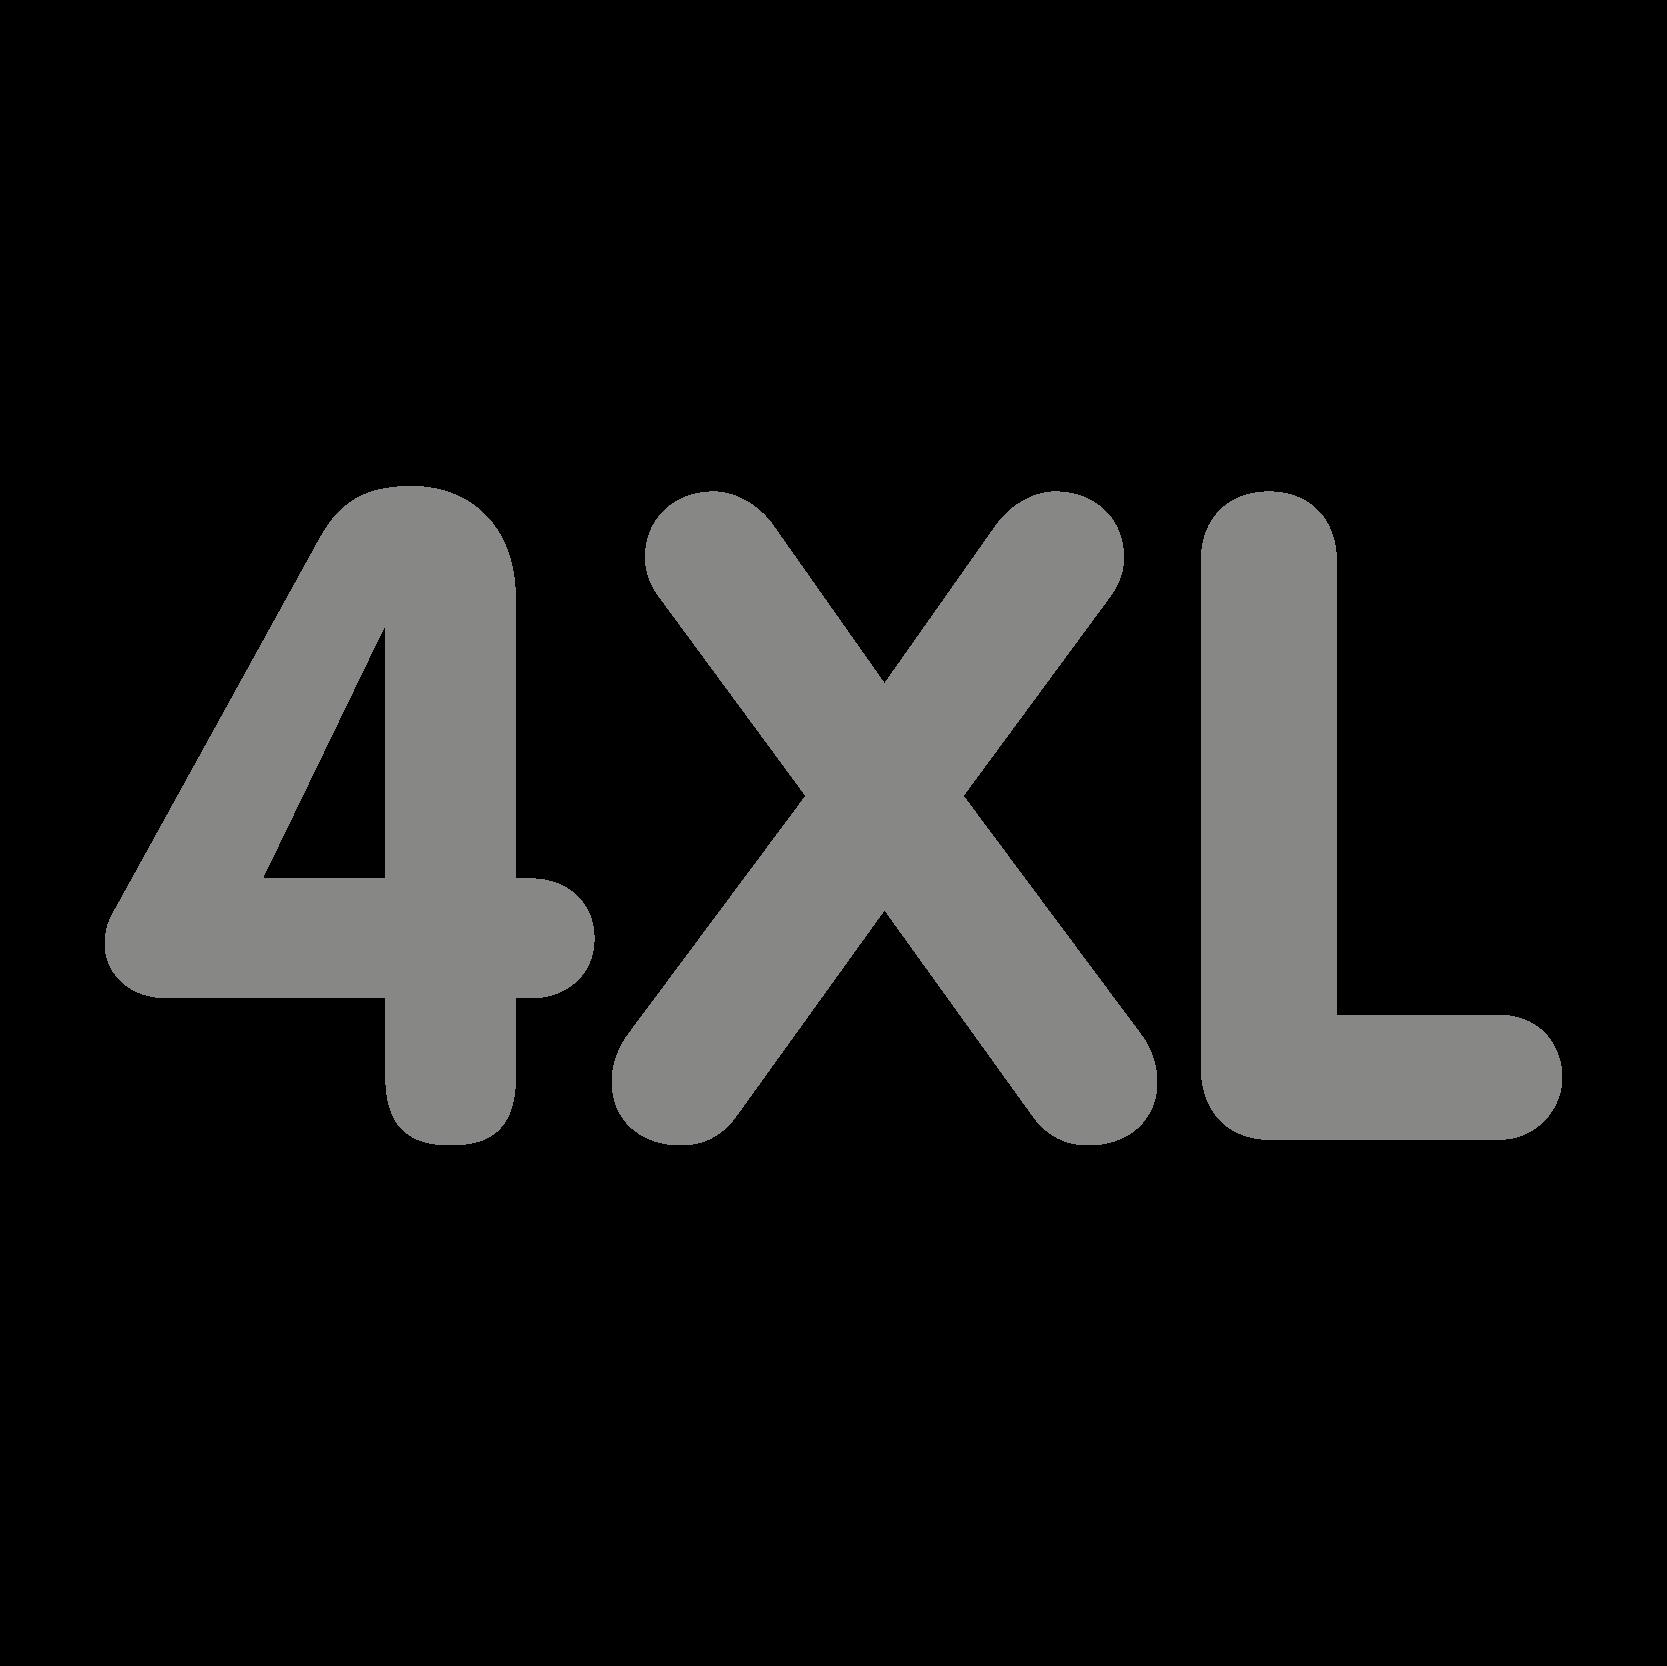 iconModel_28